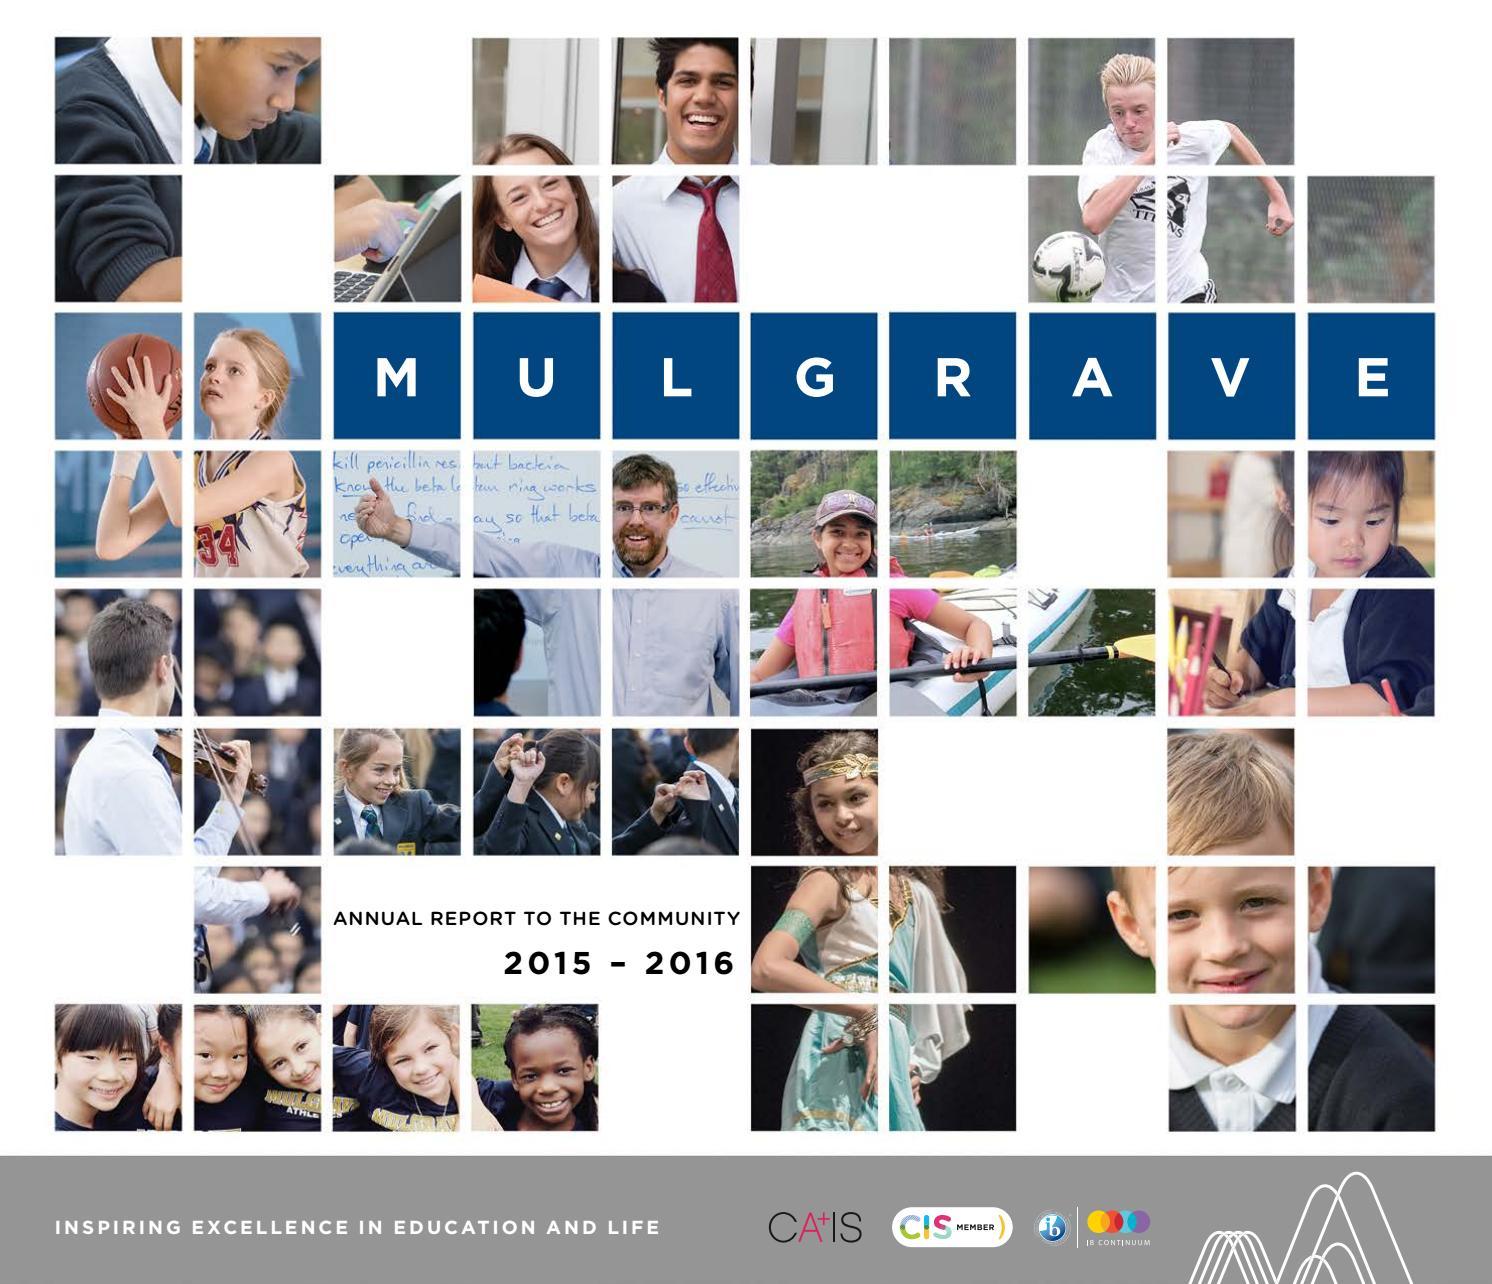 mulgrave school annual report by mulgrave school issuu mulgrave annual report 2015 2016